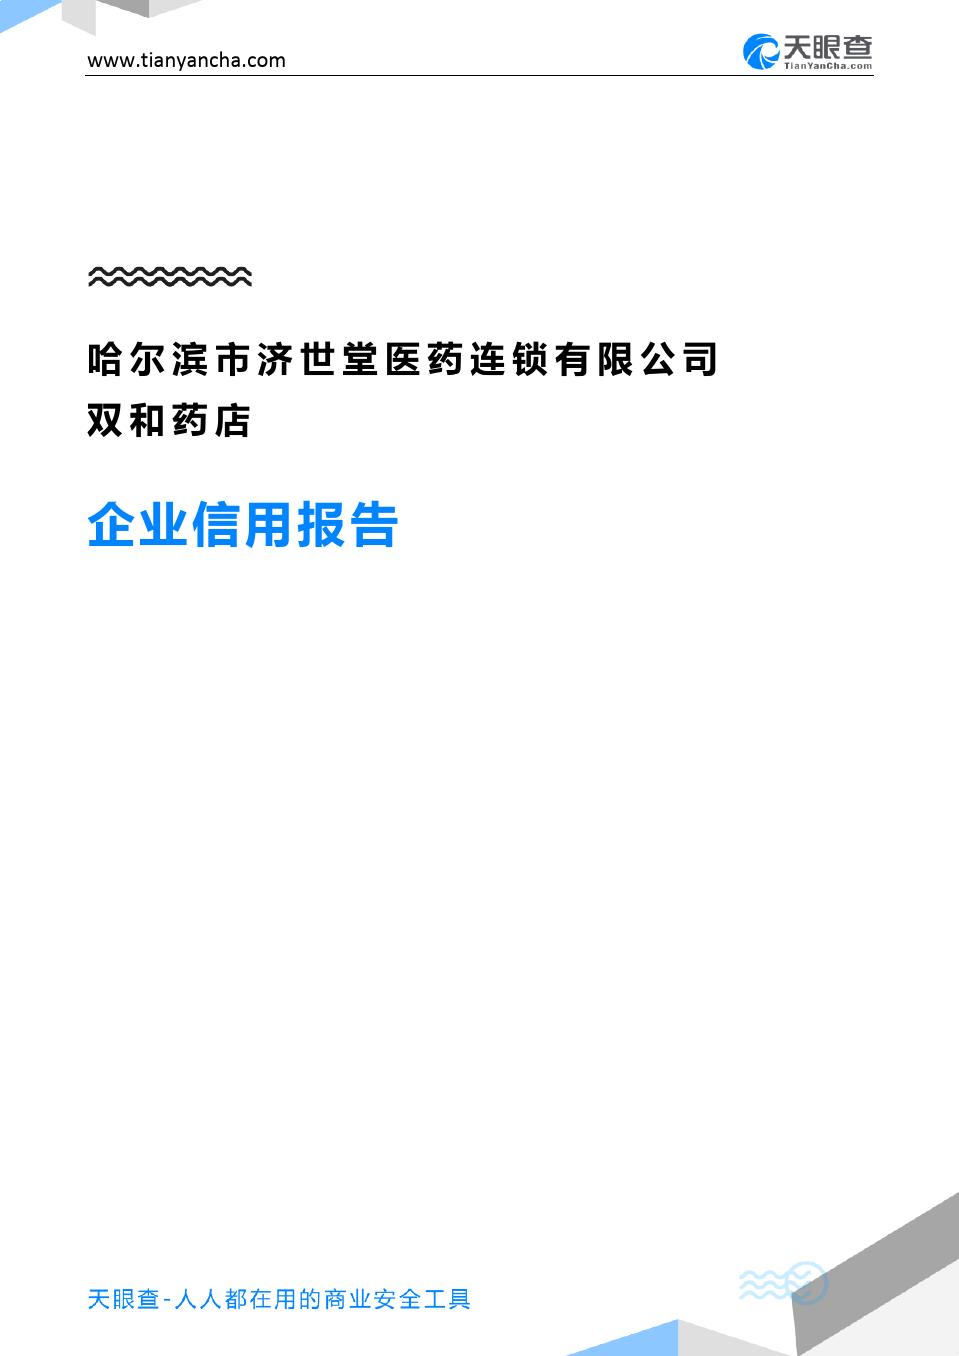 哈尔滨市济世堂医药连锁有限公司双和药店企业信用报告-天眼查